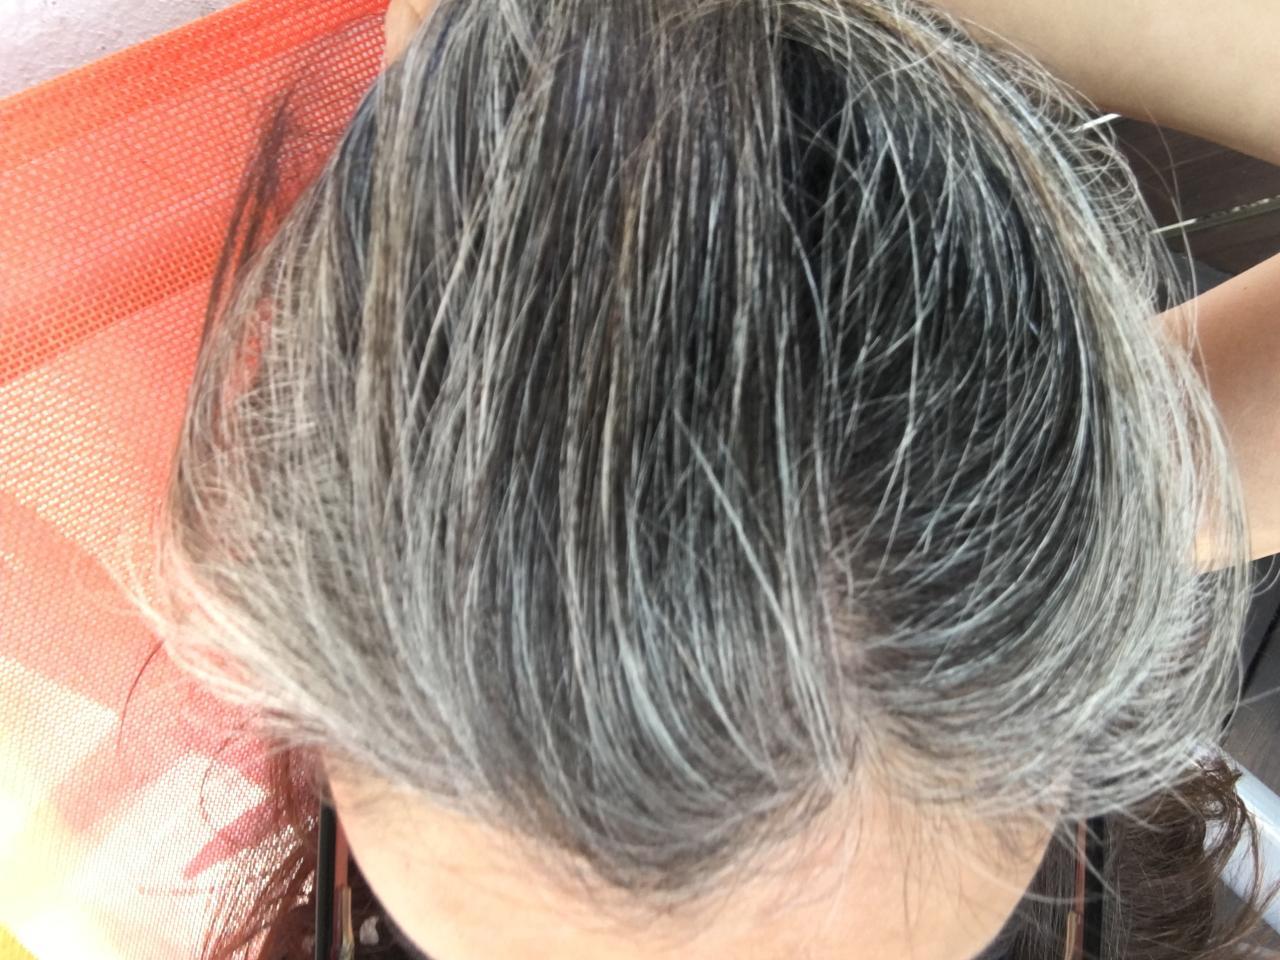 Tönung Für Graue Haare Forum Schwangerschaft Urbiade